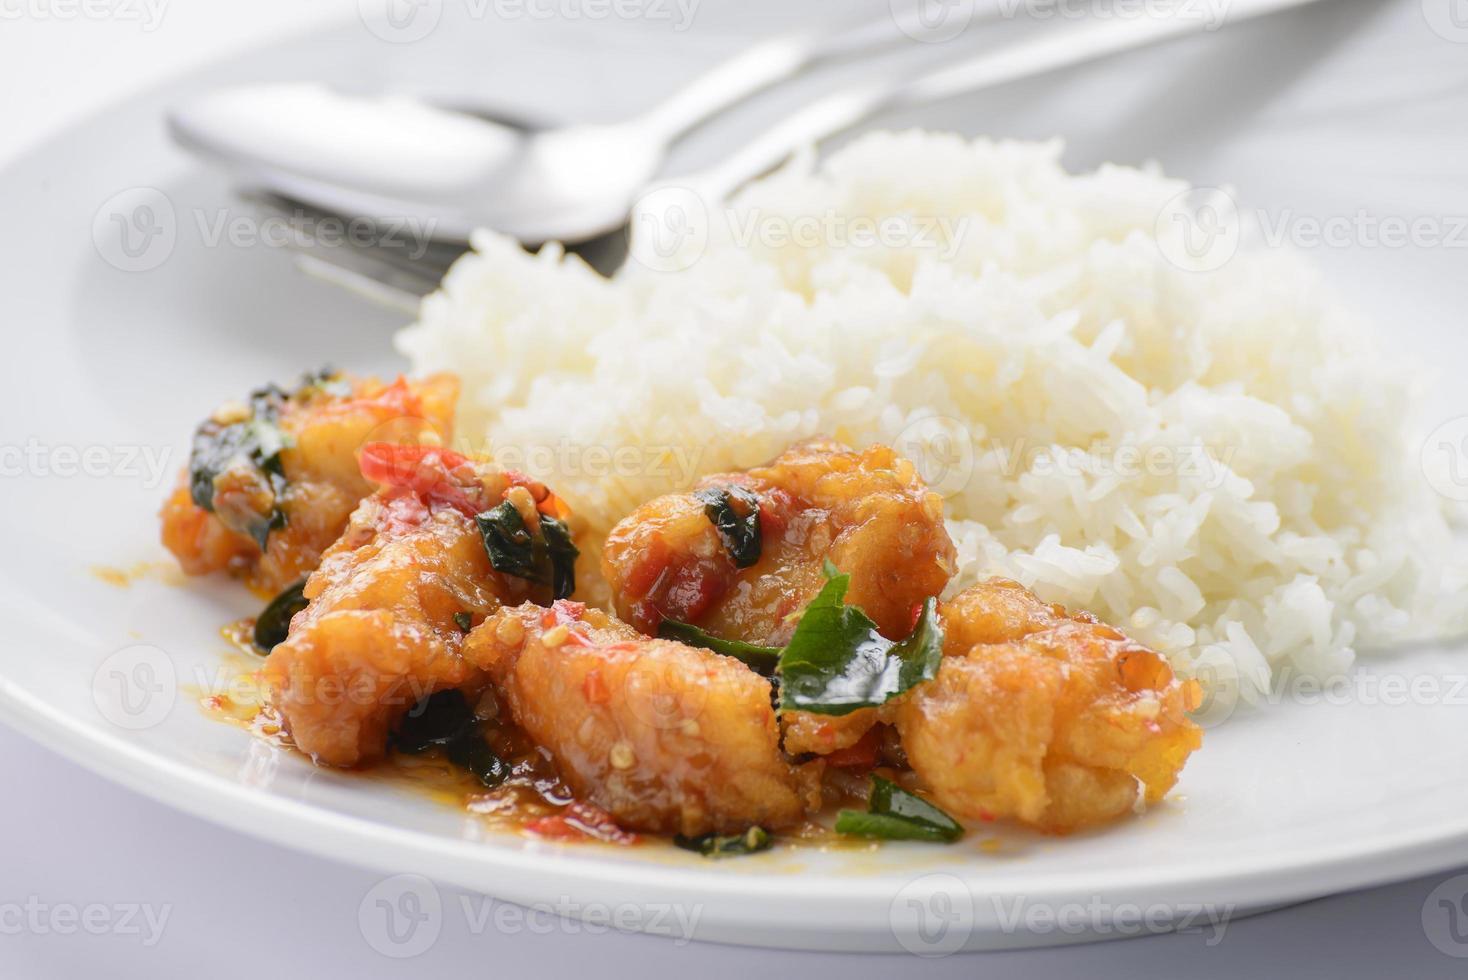 poisson frit avec sauce chili photo